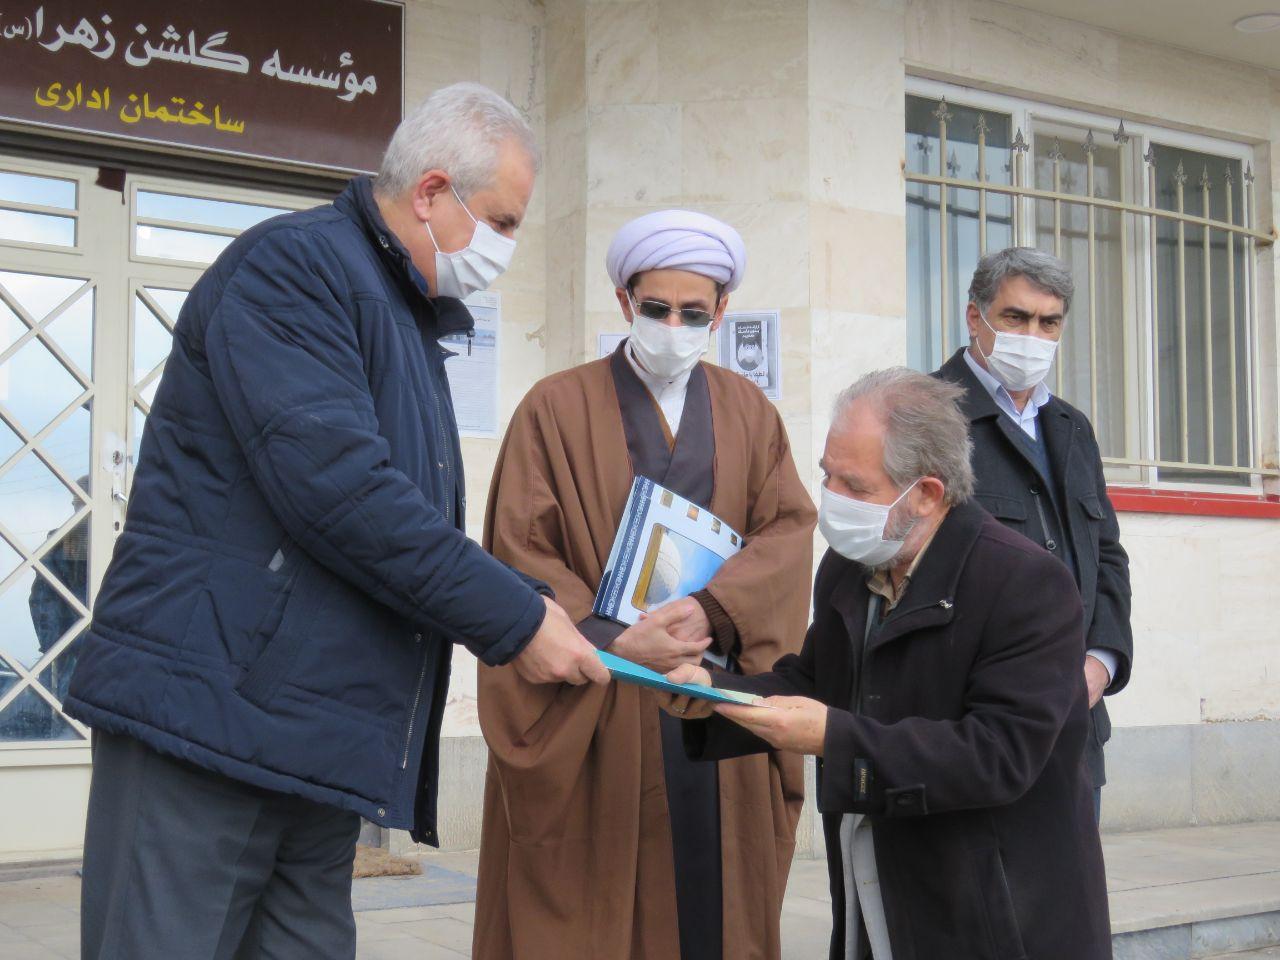 فعالیت جهادی مجموعه مدیریت شهری در آرامستان گلشن زهرای مراغه در این روزهای کرونایی قابل تقدیر است